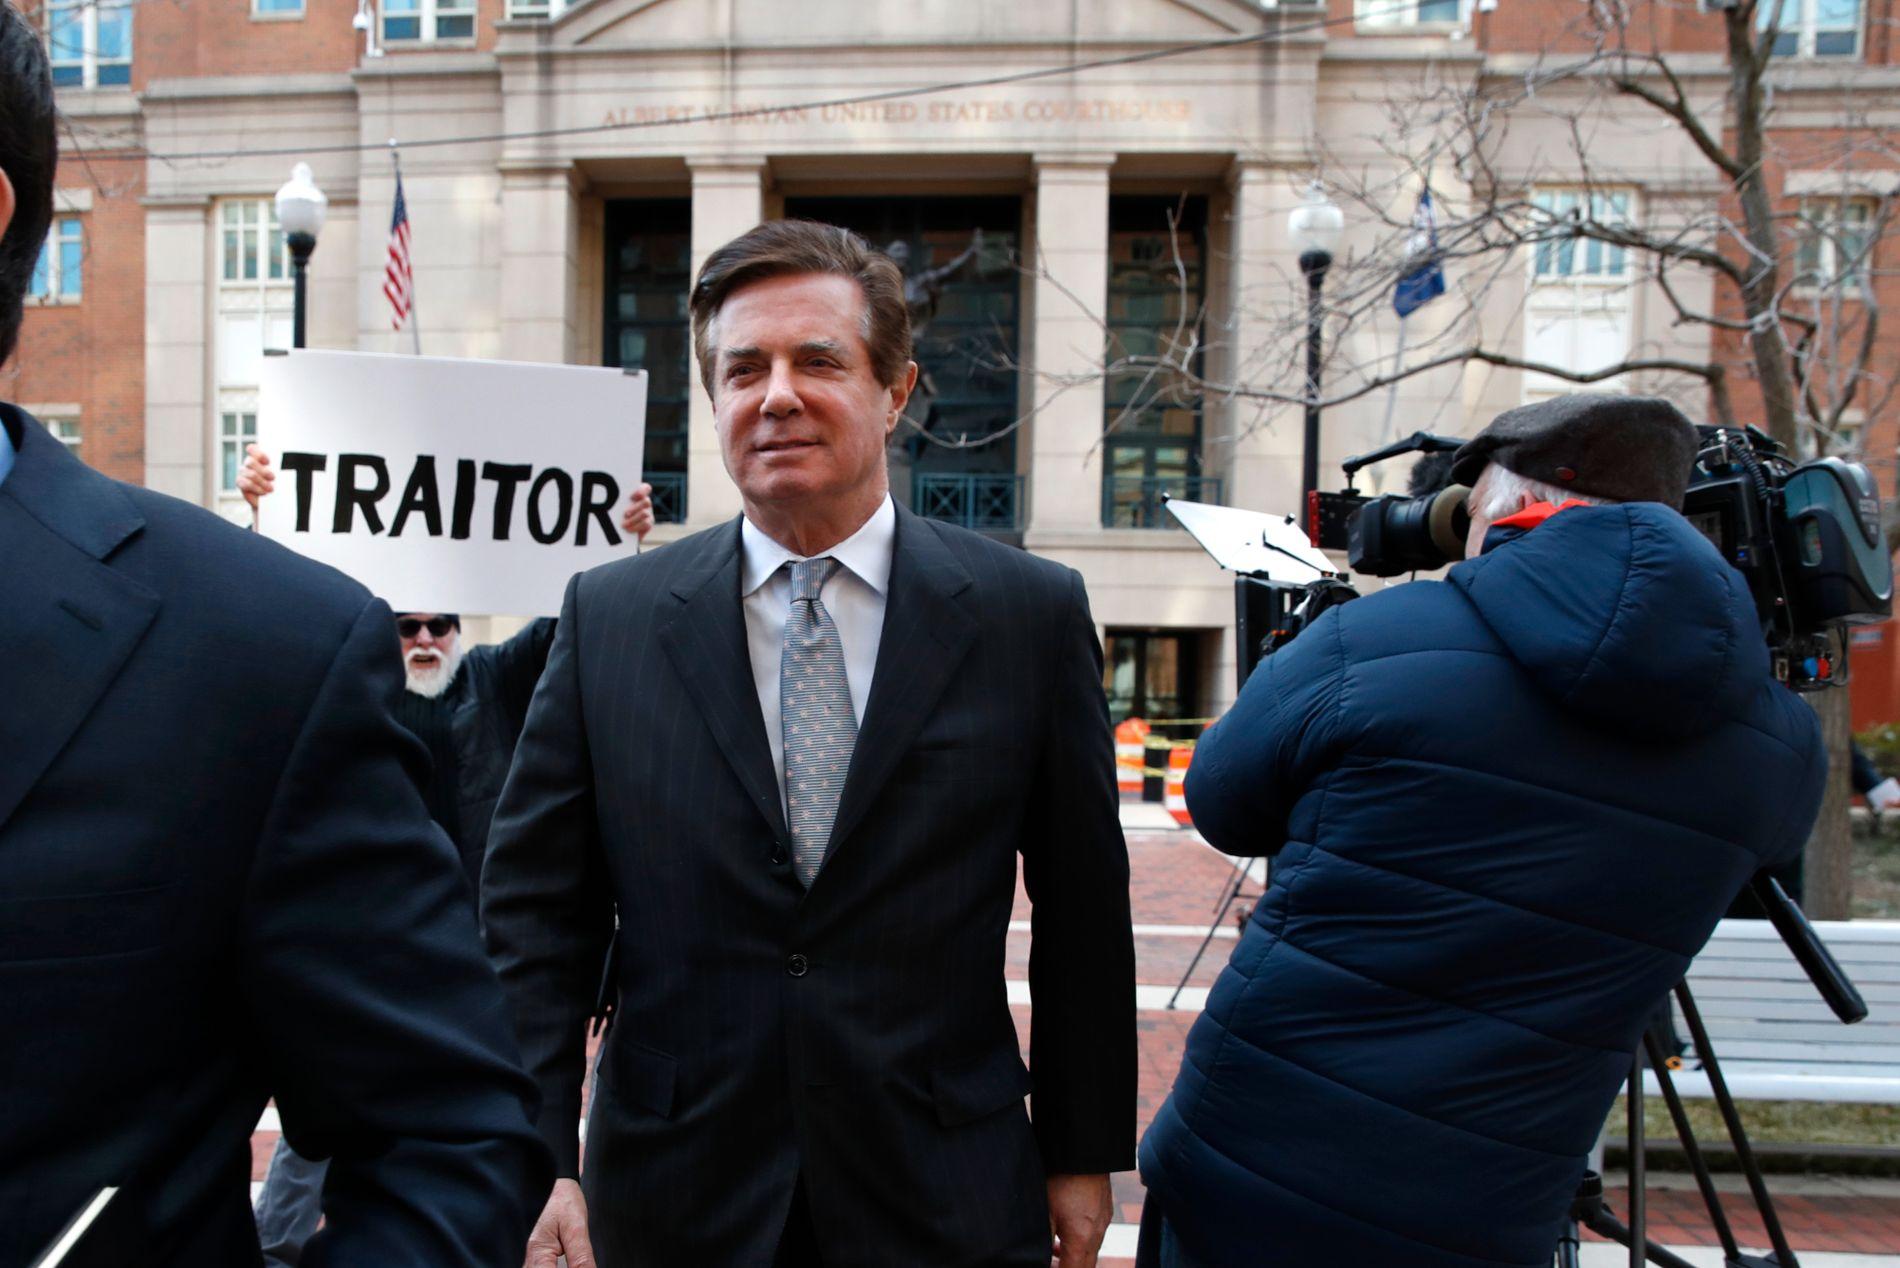 TILTALT: Donald Trumps tidligere valgkampsjef, Paul Manafort, er i retten, tiltalt for en rekke alvorlige lovbrudd.